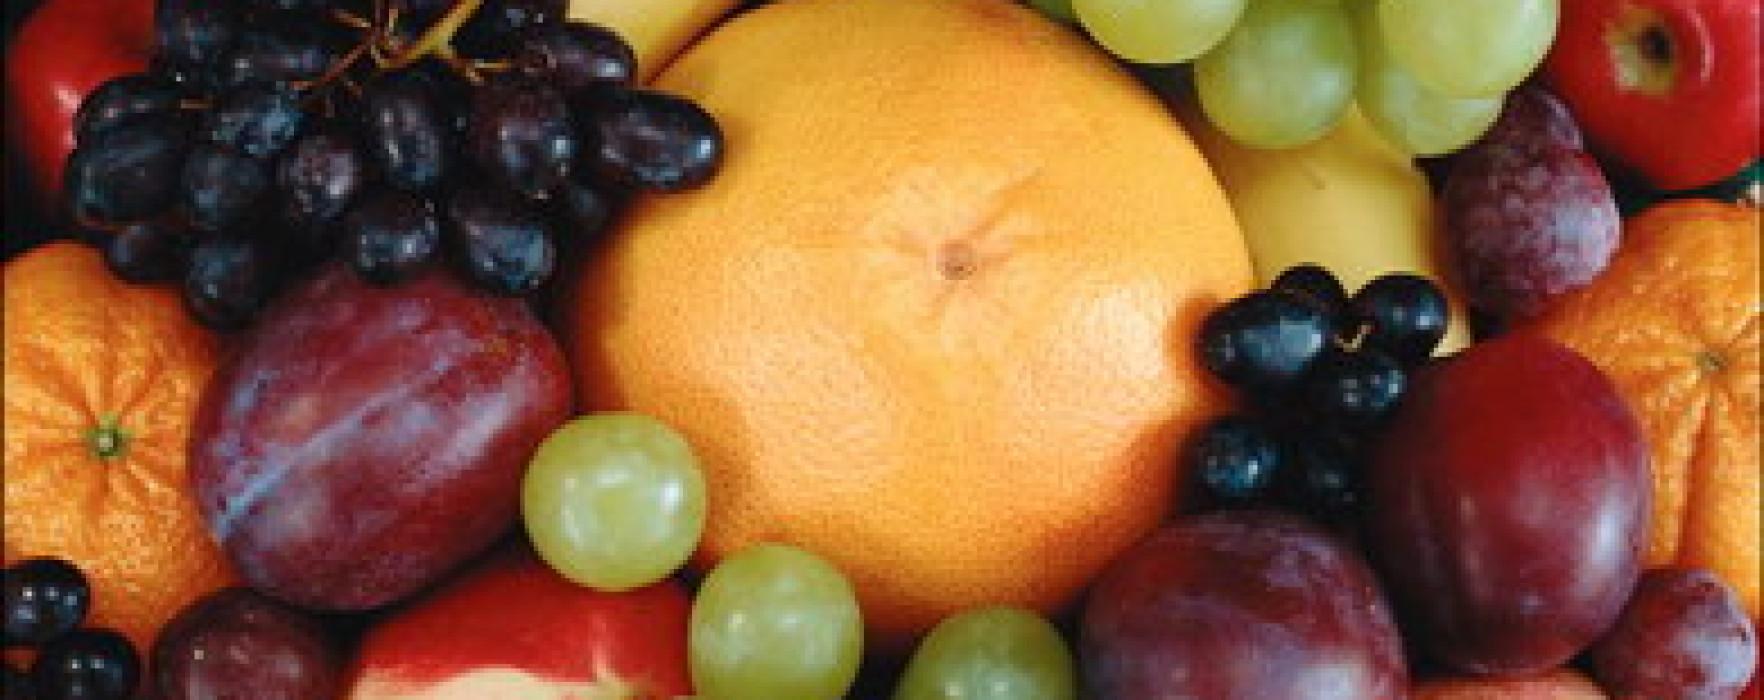 Consiliul Judeţean Dâmboviţa vinde o fabrică de procesare legume fructe